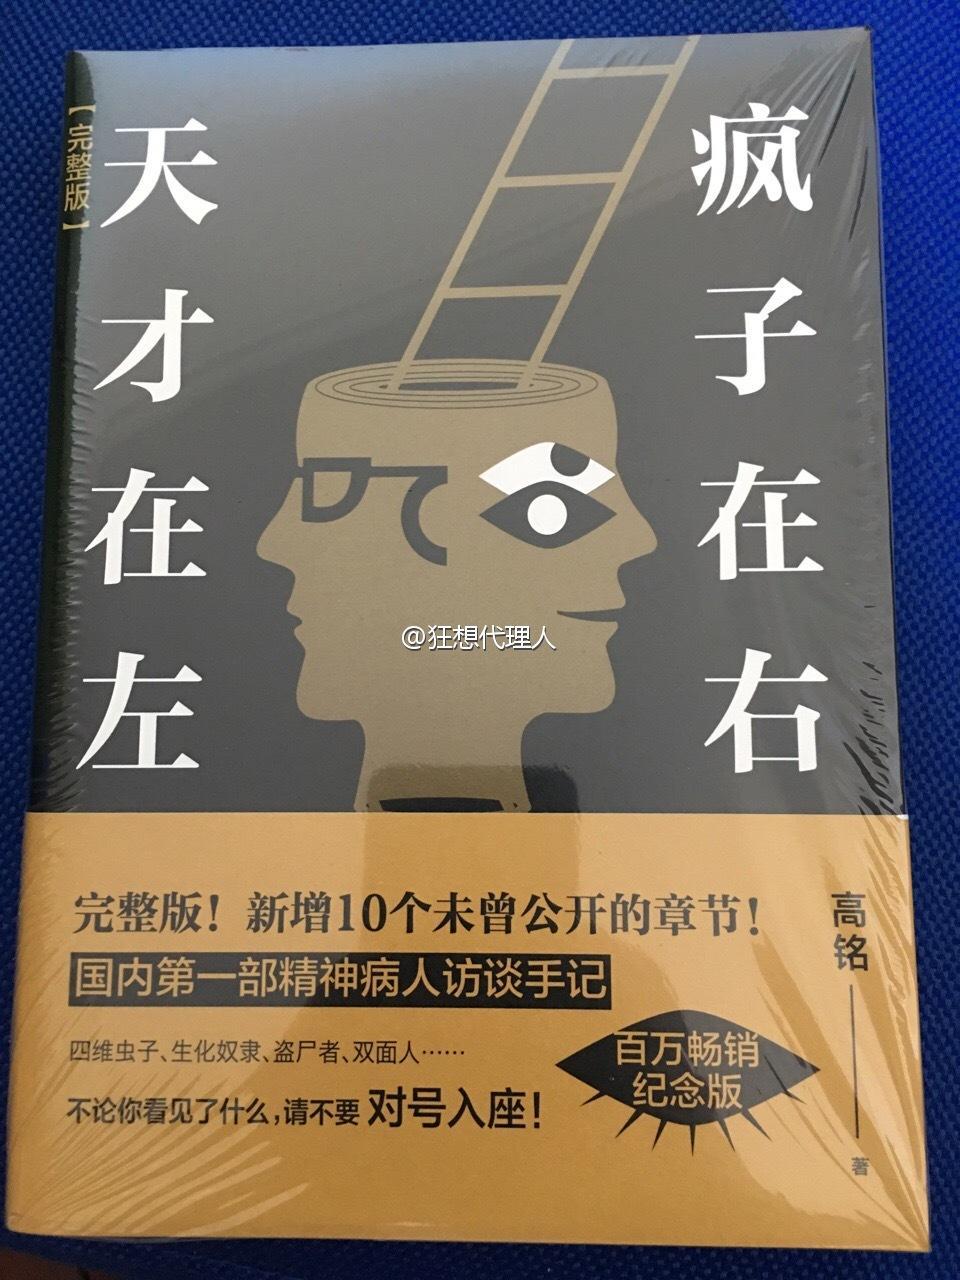 《天才在左疯子在右-完整版》【价格 目录 书评 ... _中国图书网